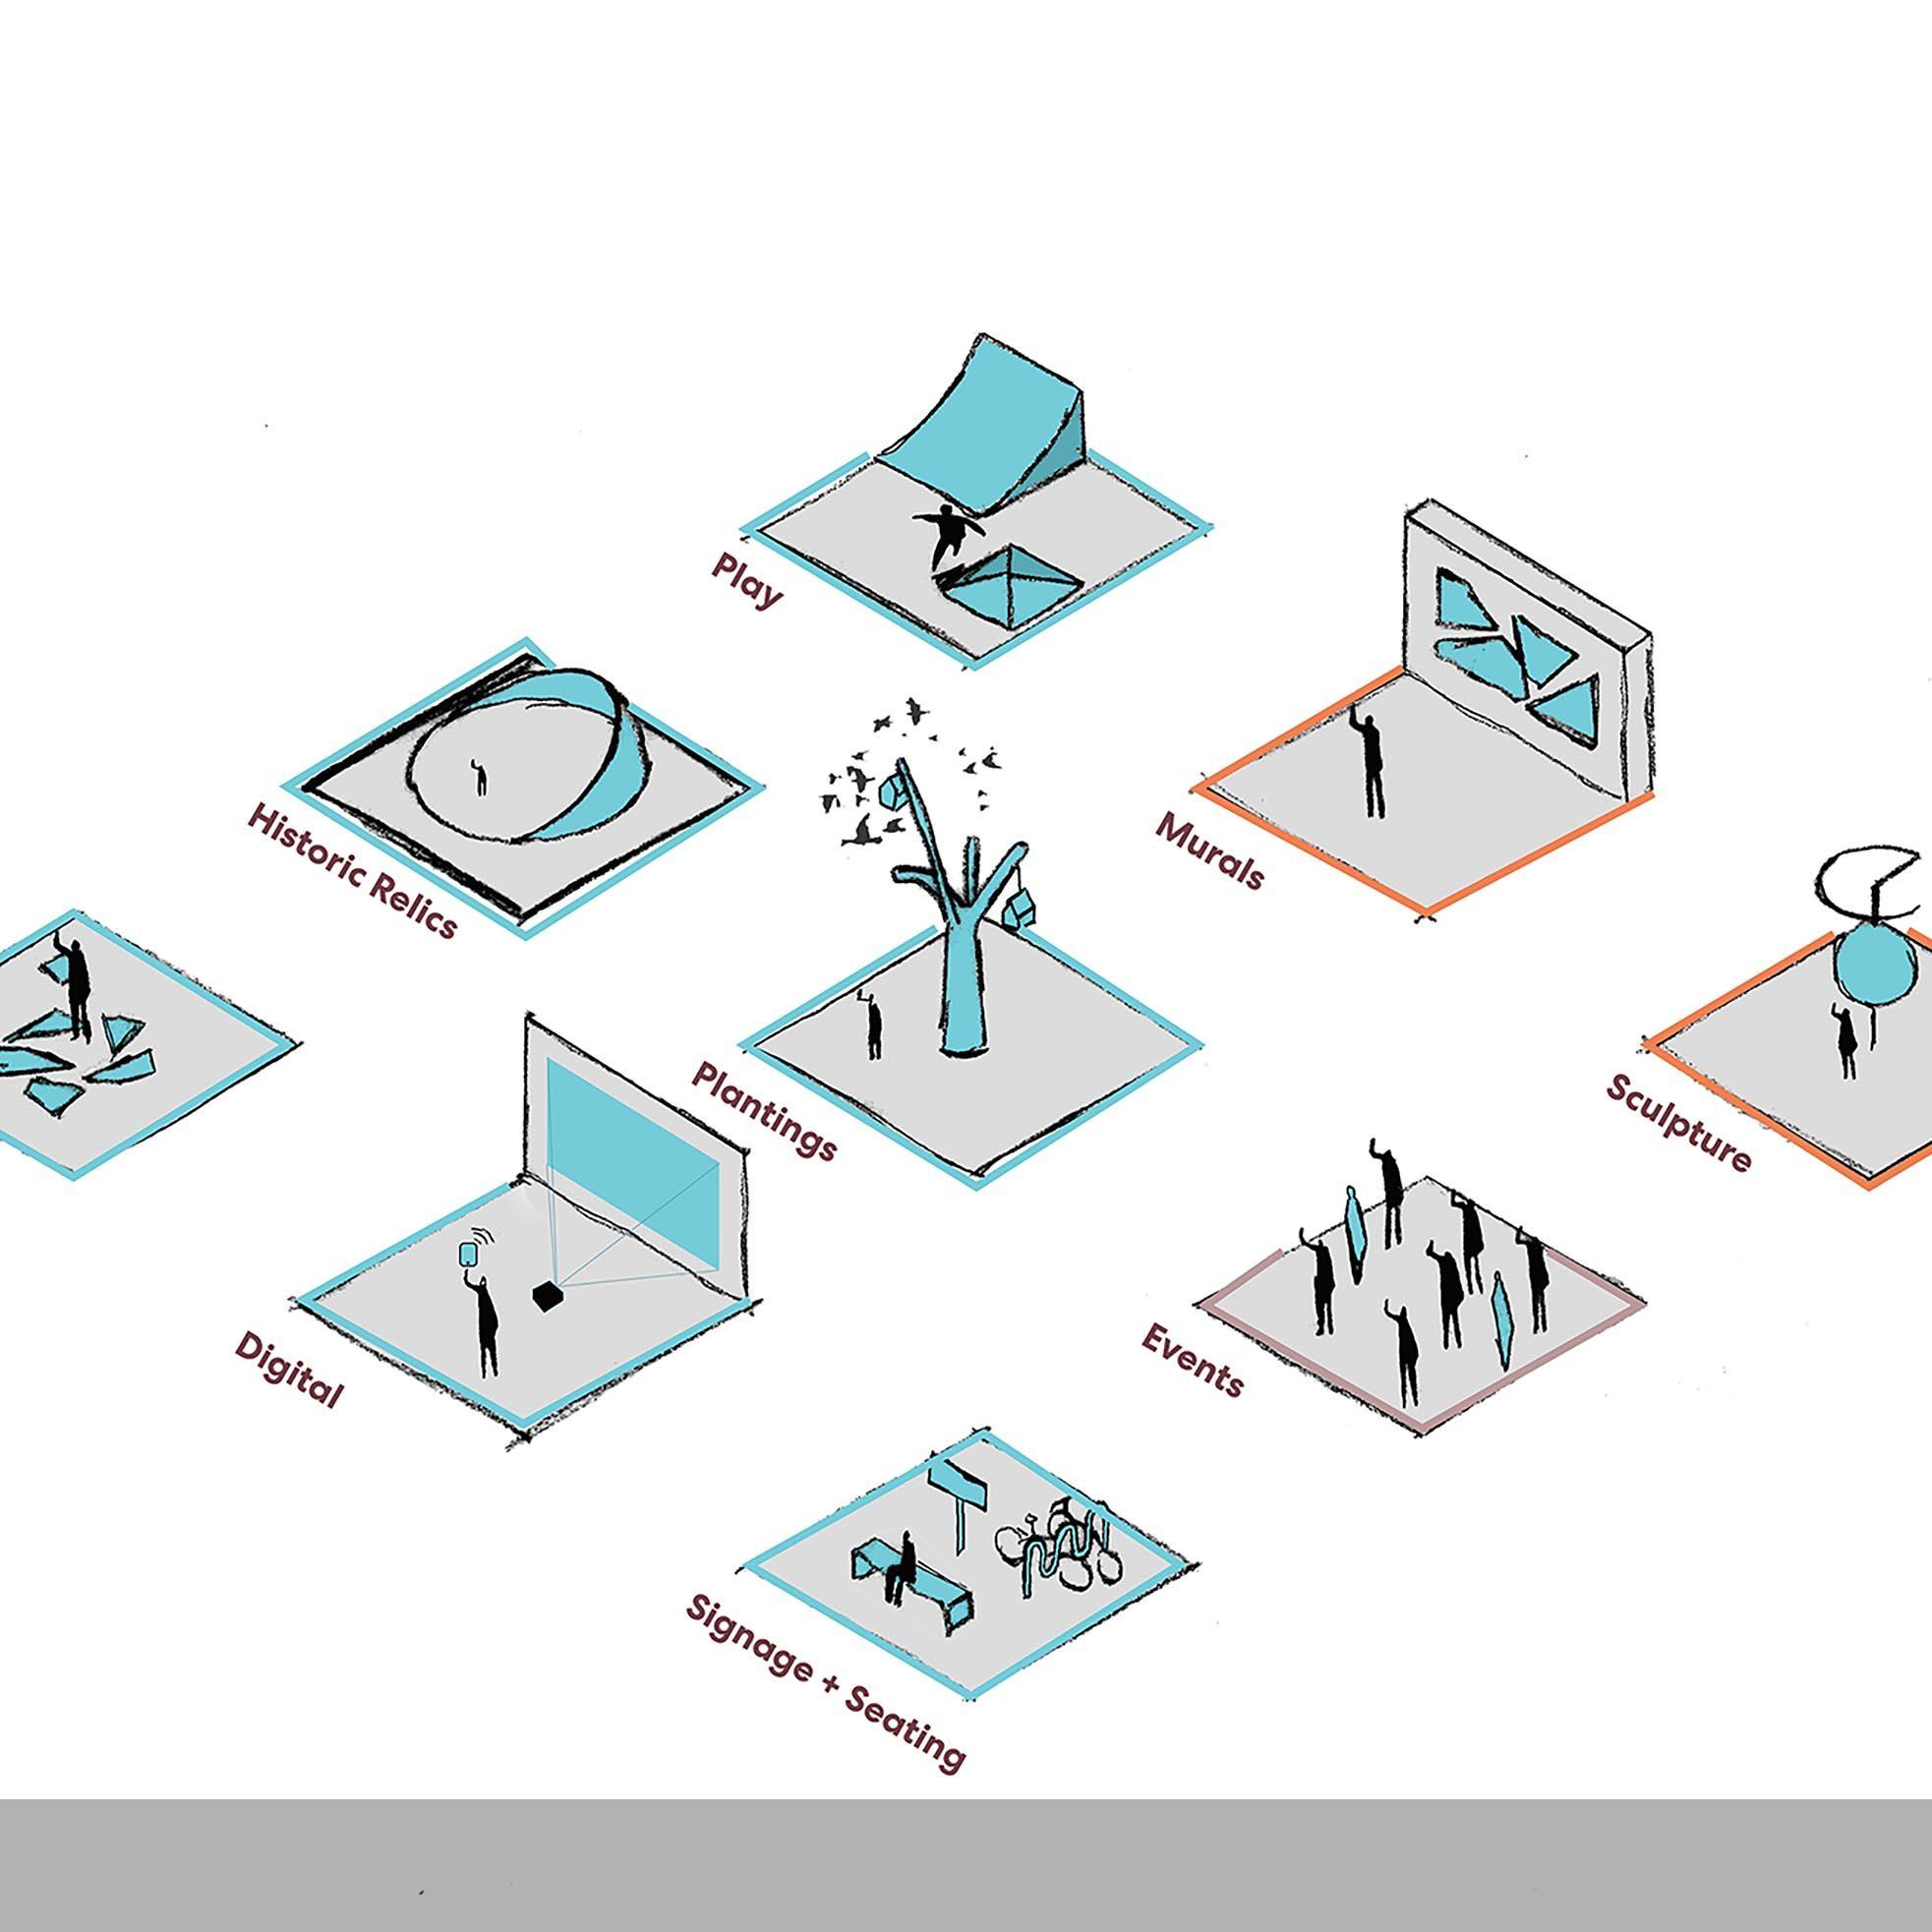 UHT public art plan typology